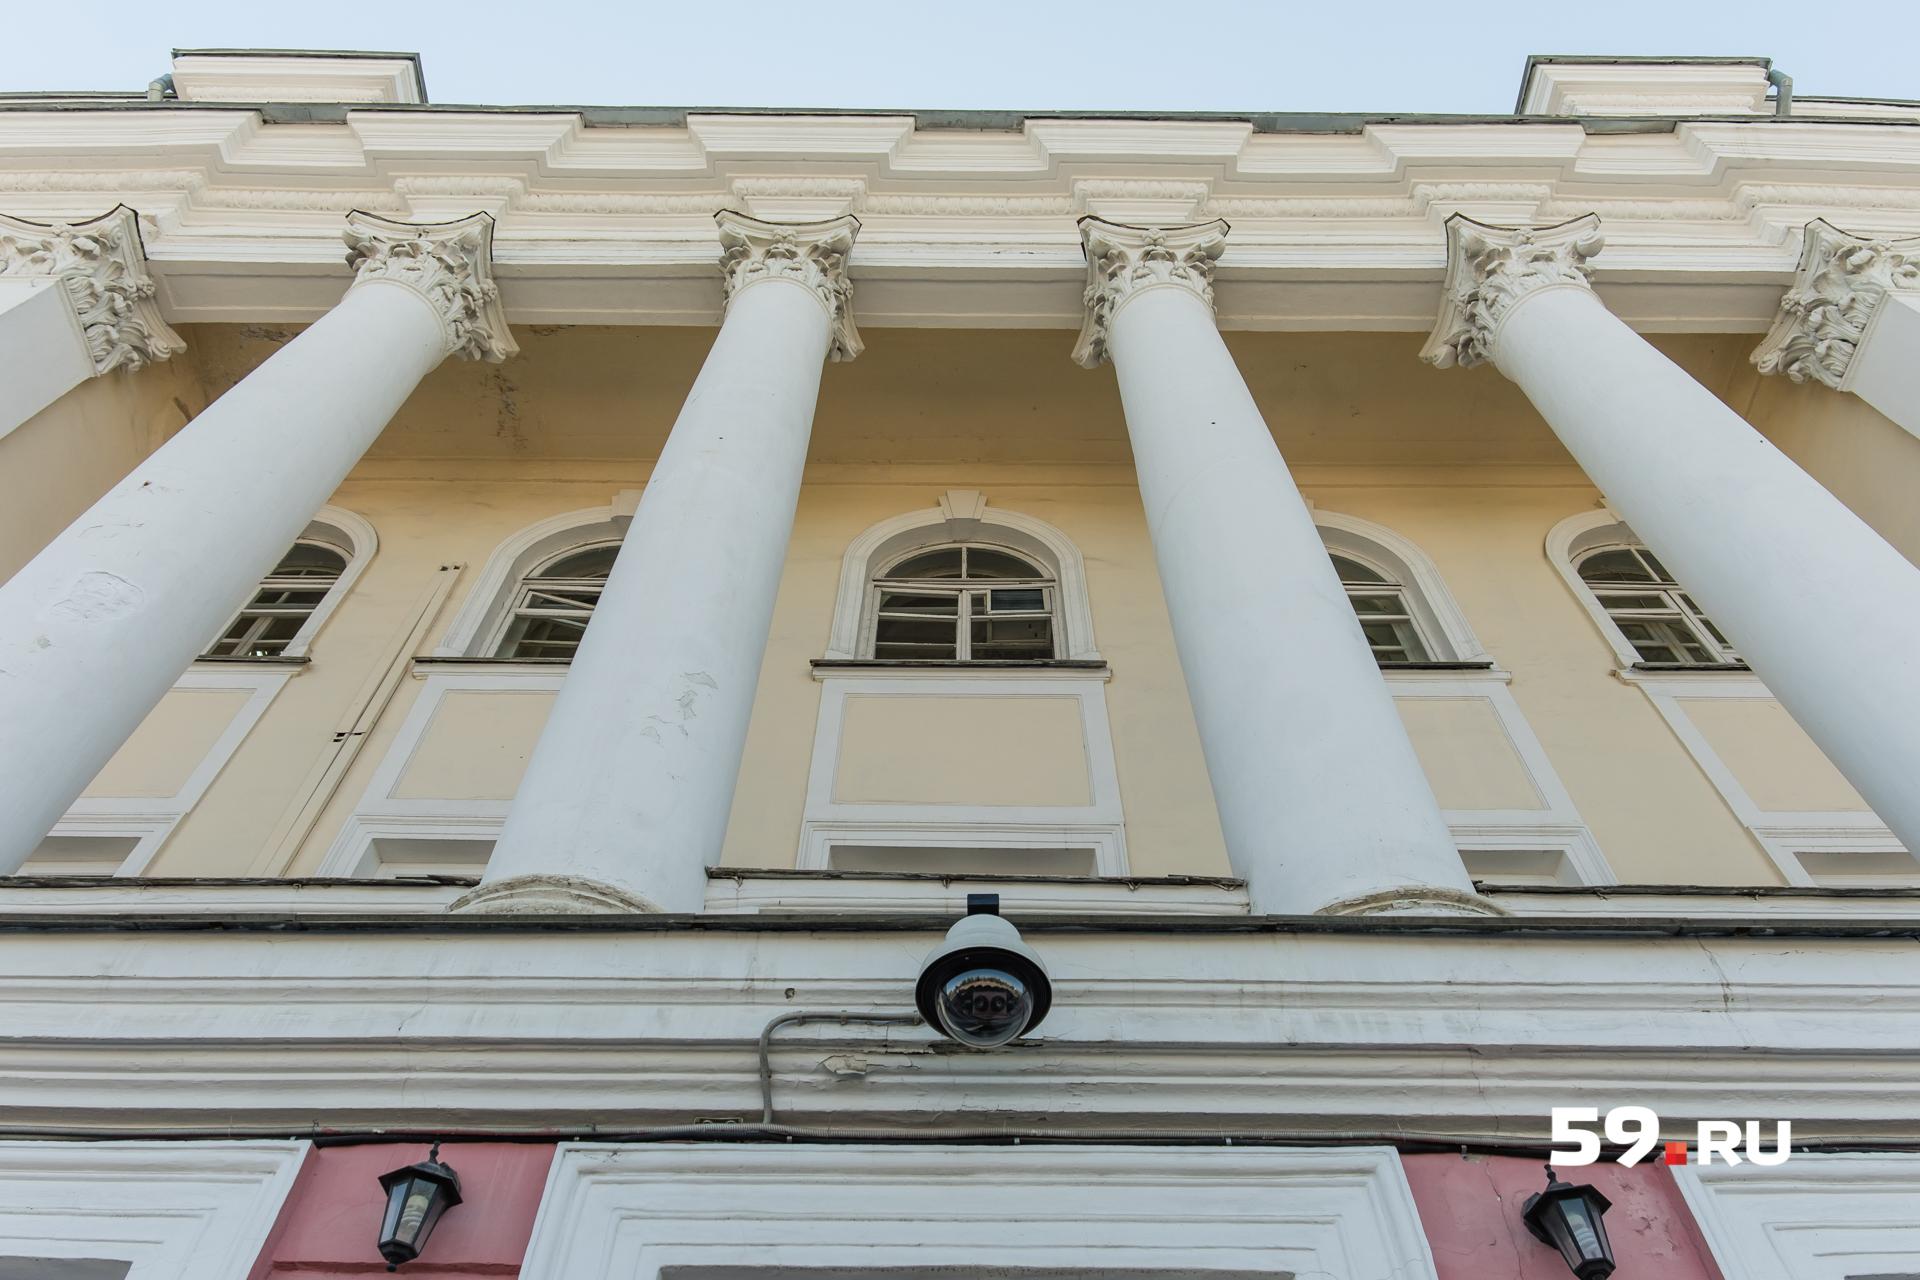 Массивные колонны — одна из главных черт сталинского ампира